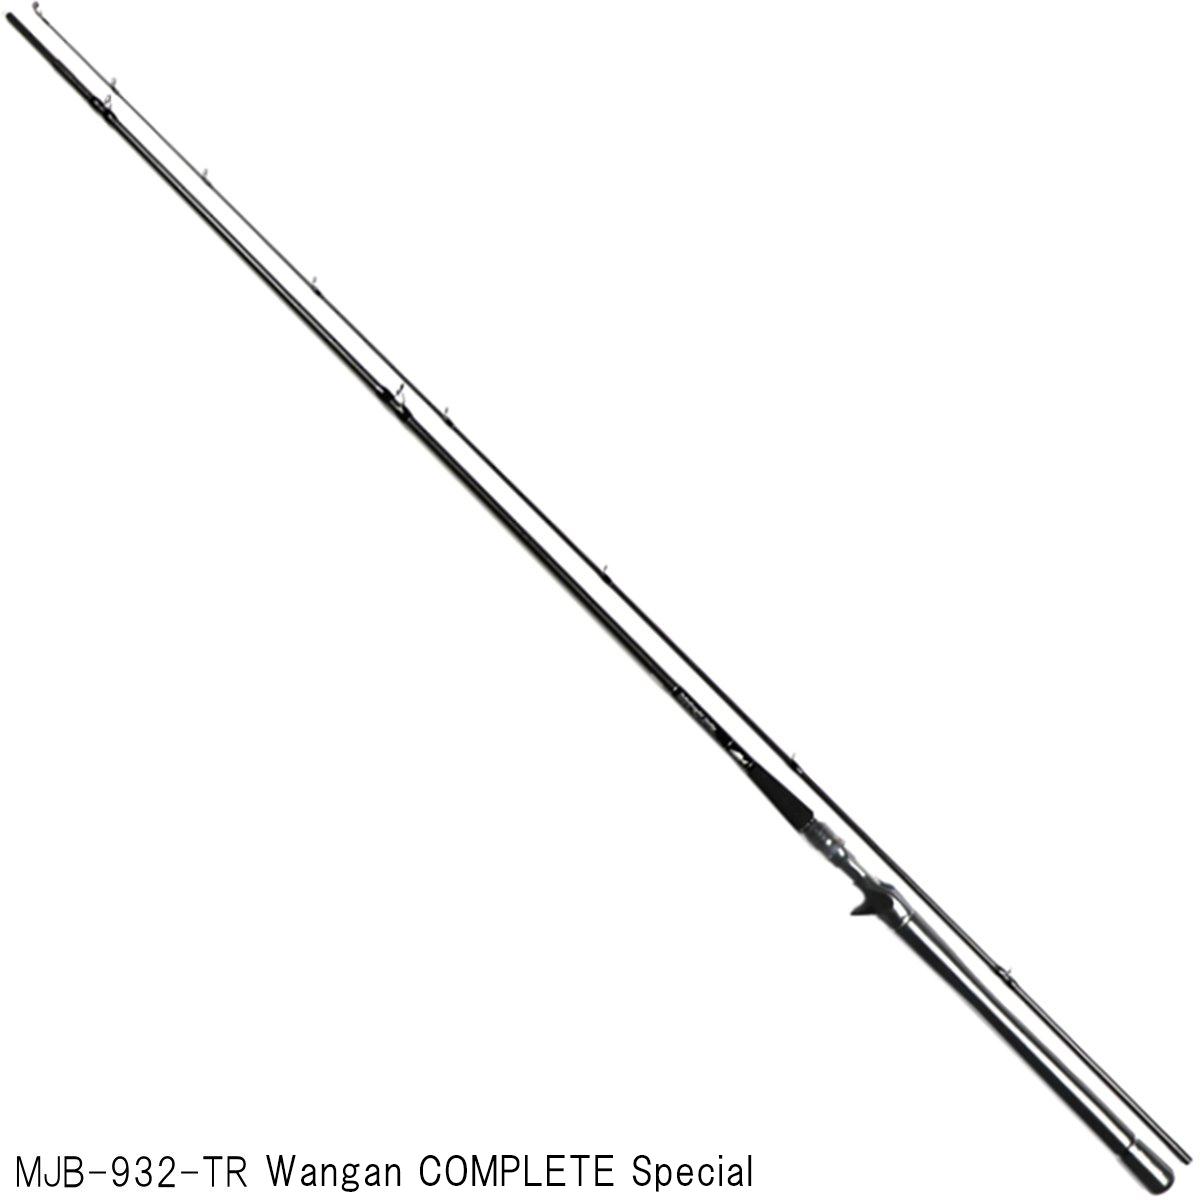 ジークラフト セブンセンスTR ミッドナイトジェッティ MJB-932-TR Wangan COMPLETE Special【送料無料】